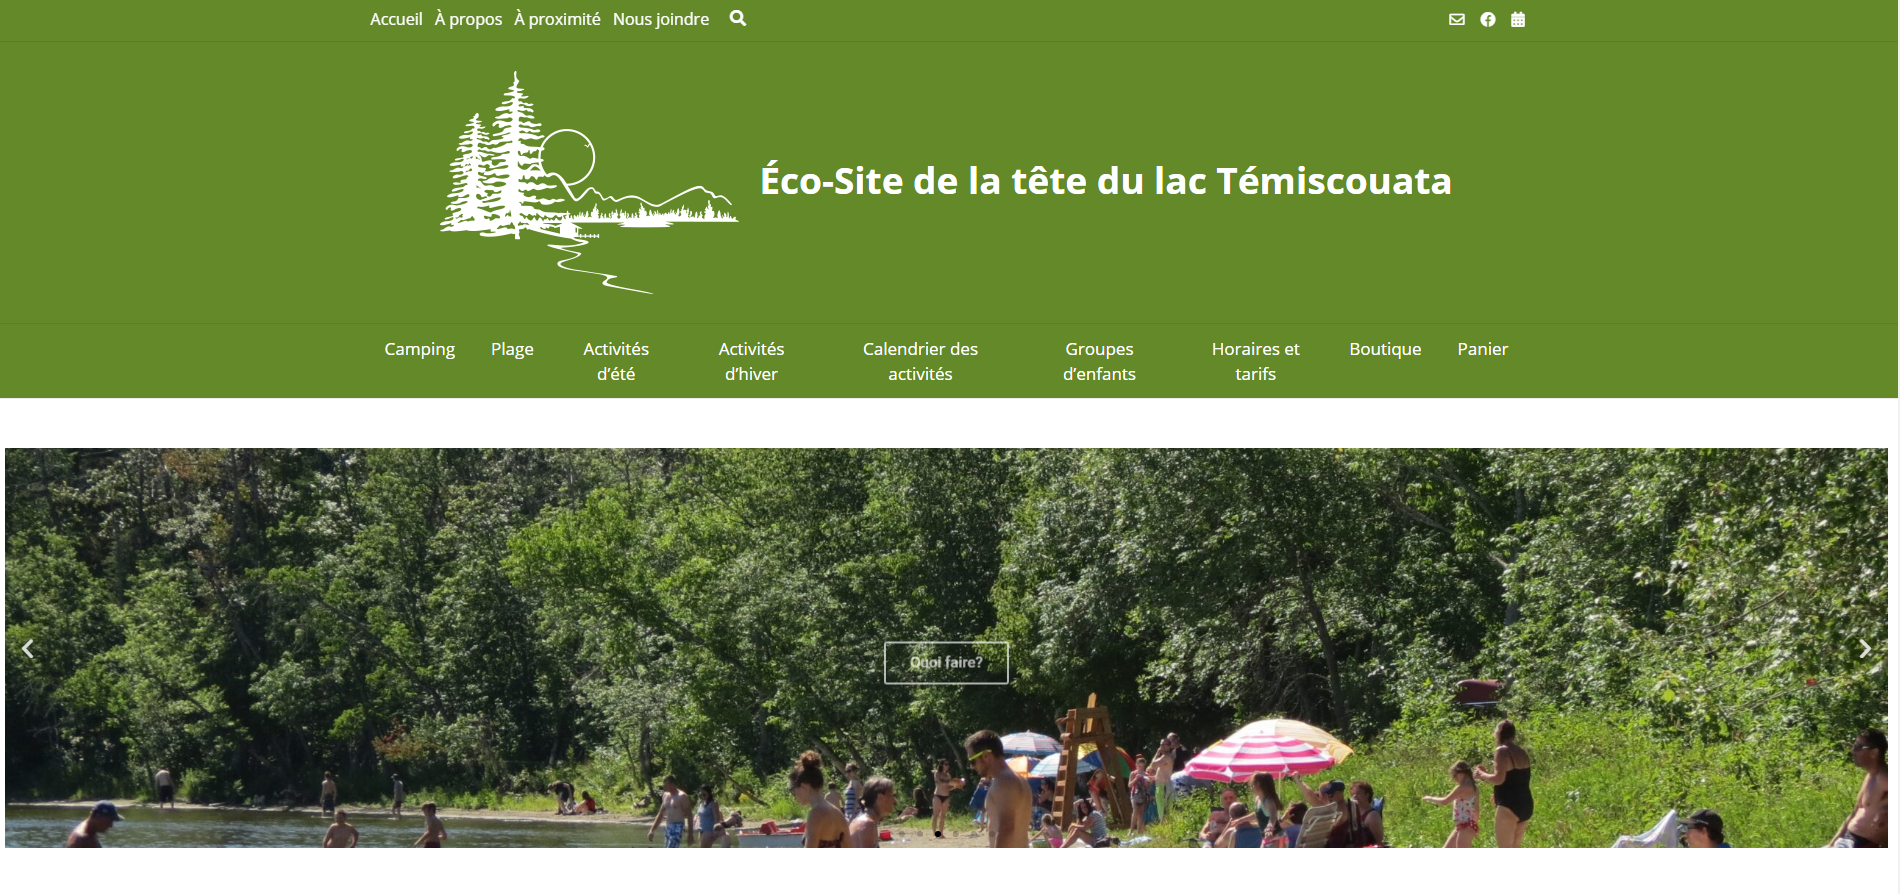 Site web de l'éco-site de la tête du lac témiscouata